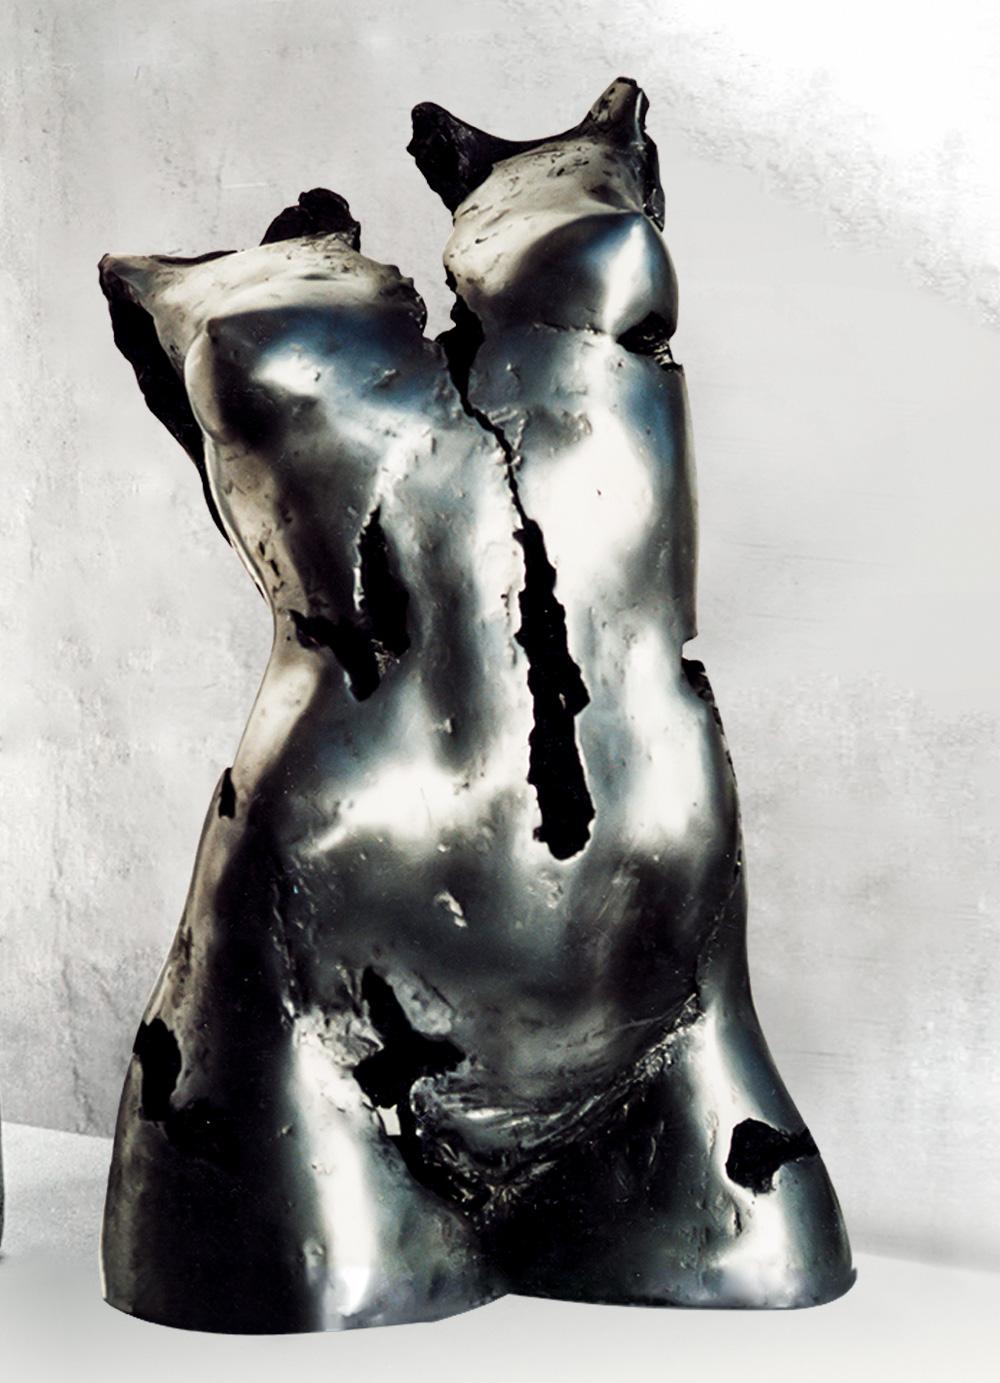 Escultura-Torso-Femenino-Aluminio-A-C.Danone-RD.Escultor